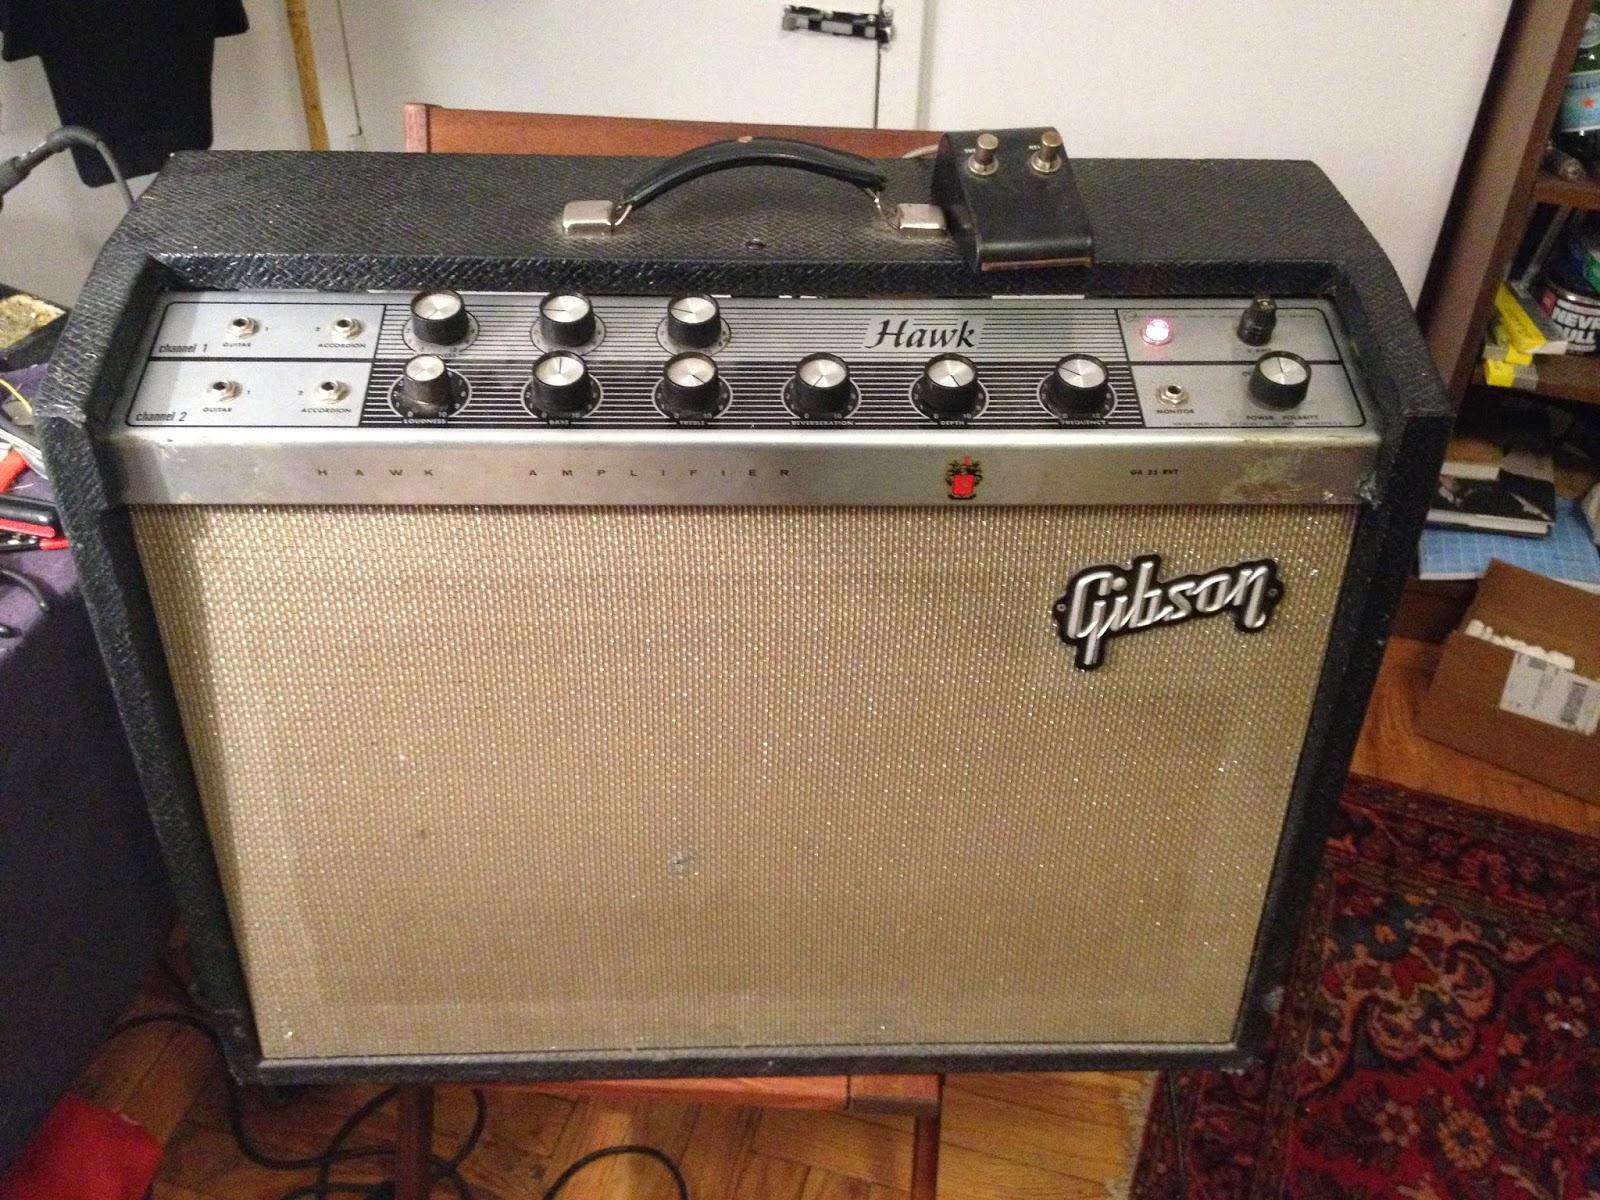 Jefs Tube Amp Blog 1965 Gibson Hawk Amplifier 7591 Model Comet Epiphone Guitar Schematic